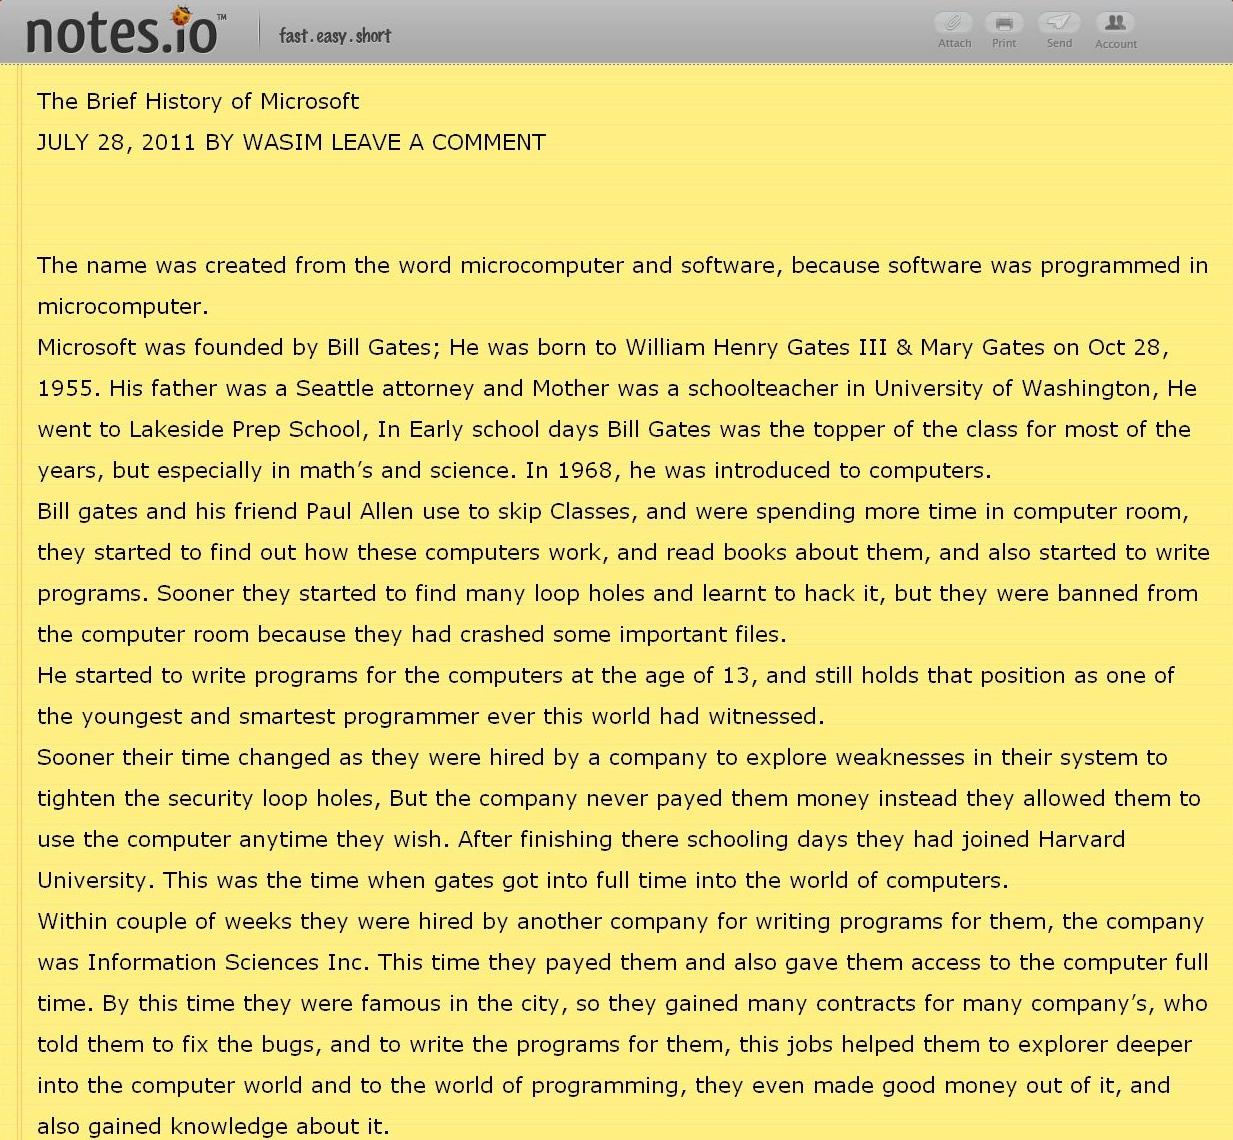 airlines job resume oxford history essay prizes in essays esl split your payment apart kontrolliertes vokabular beispiel essay kontrolliertes vokabular beispiel essay kontrolliertes vokabular beispiel essay